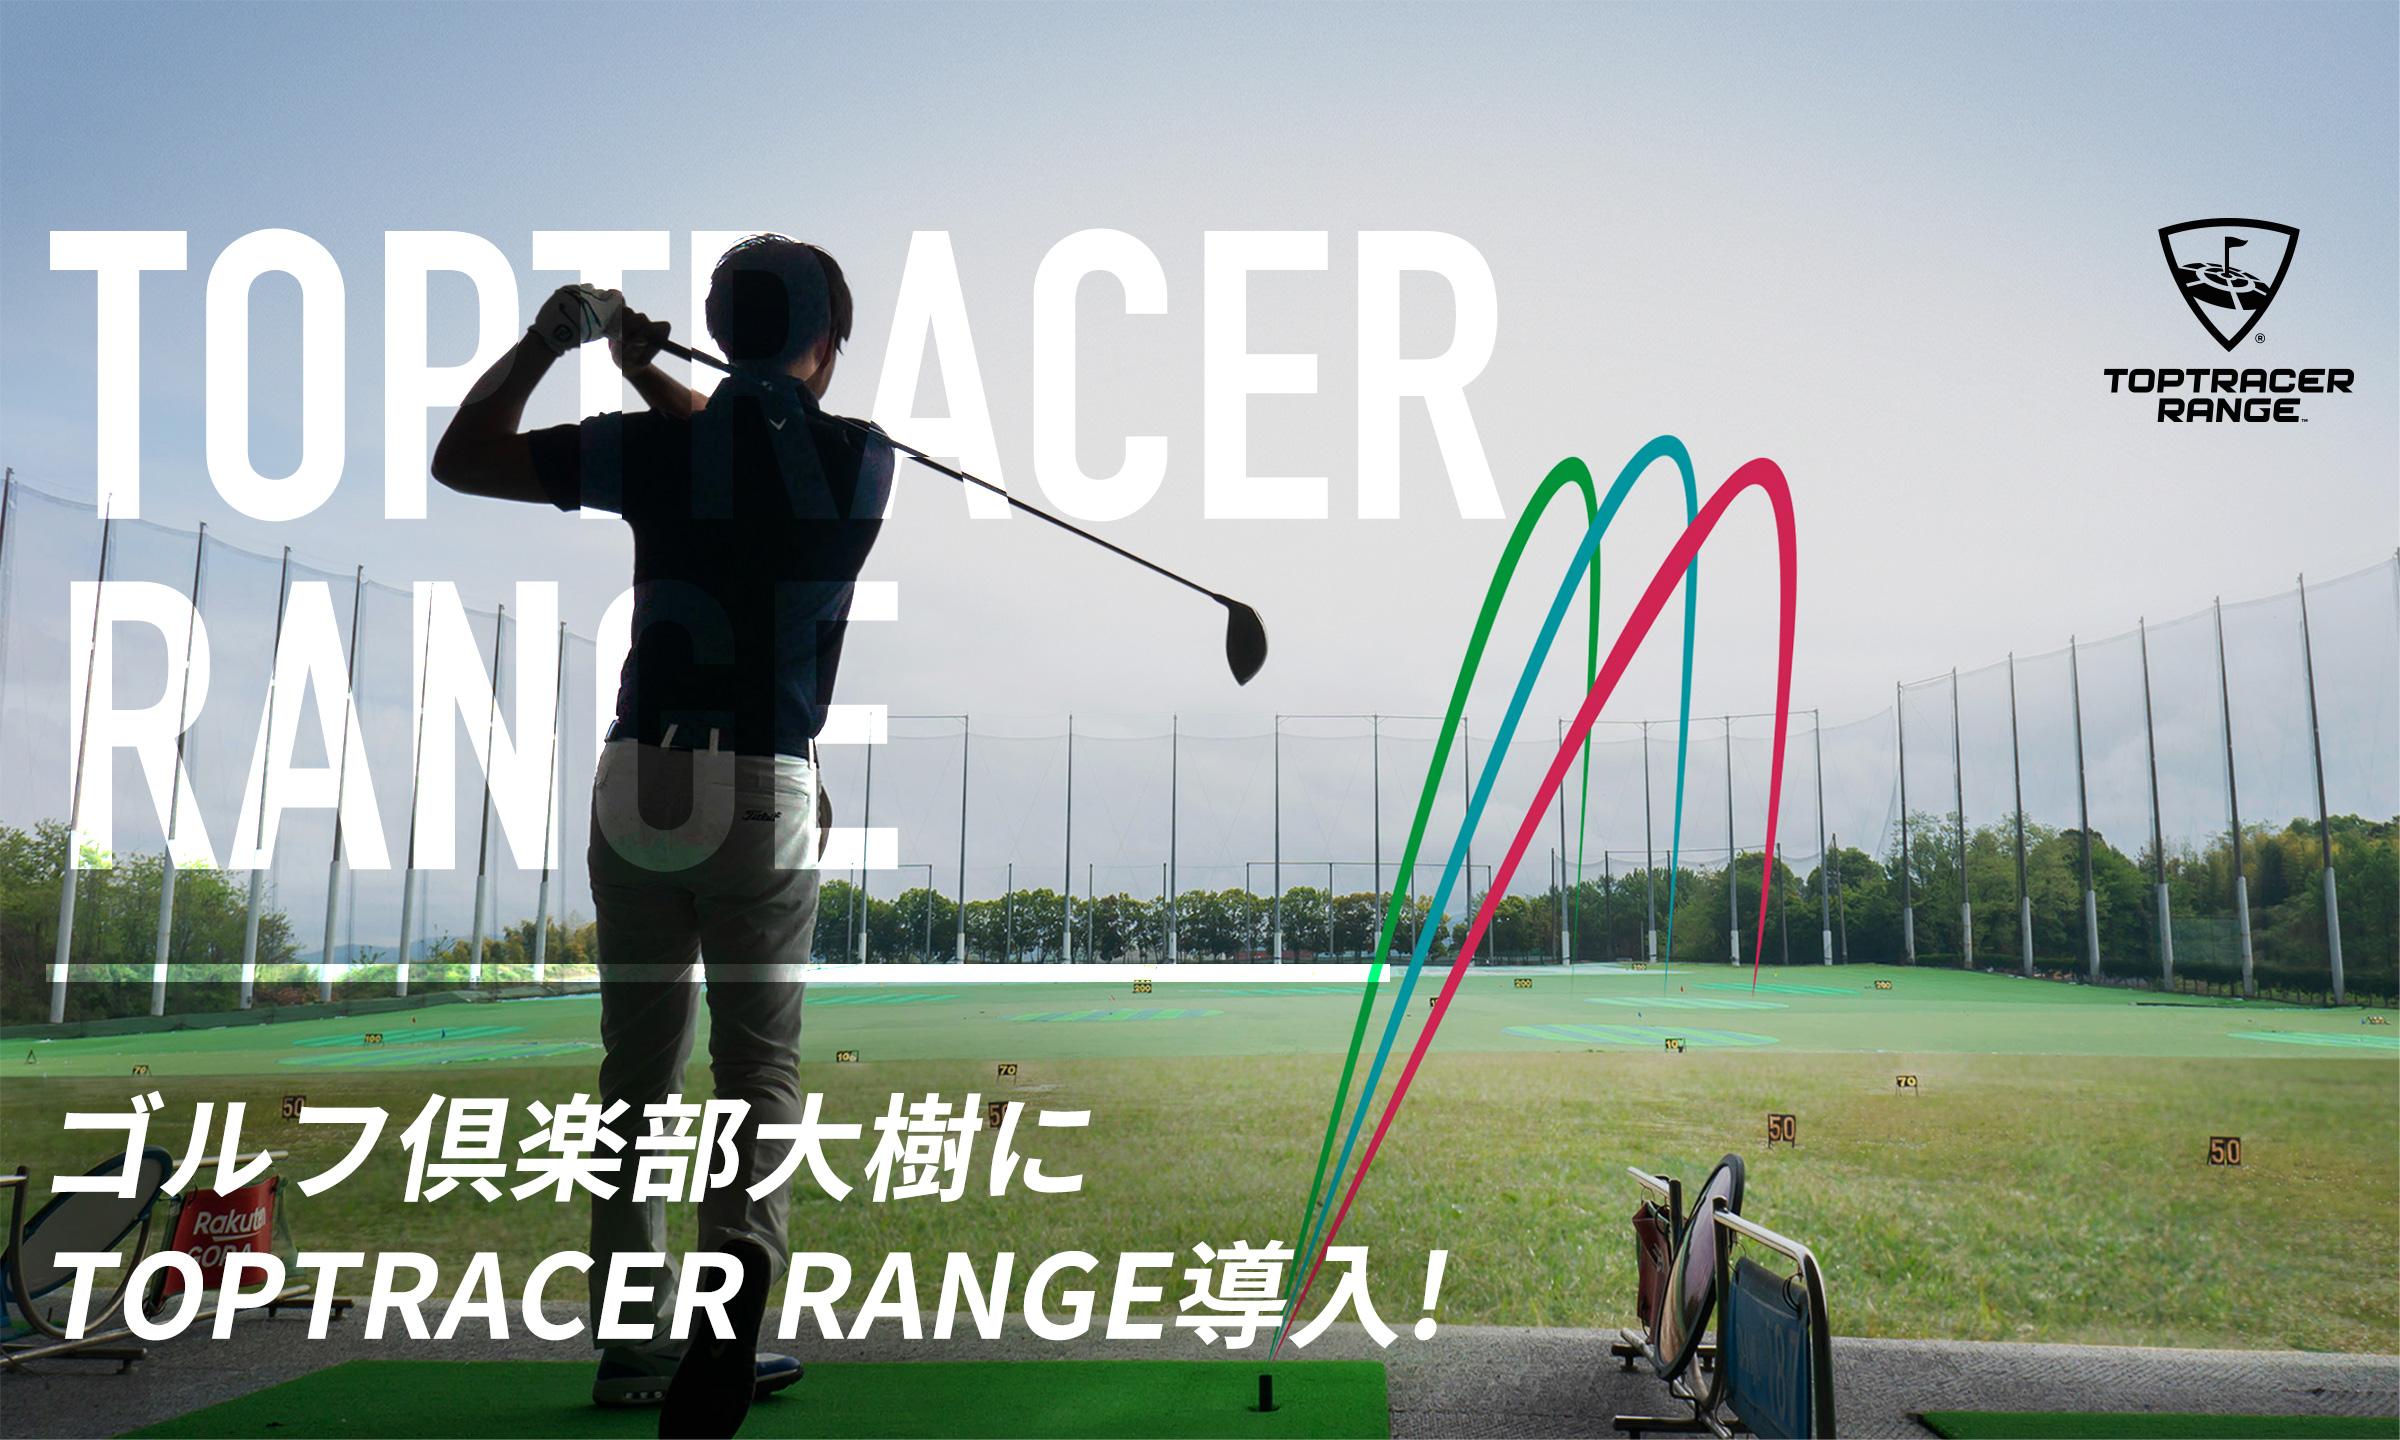 ゴルフ倶楽部大樹にTOPTRACER RANGE導入!